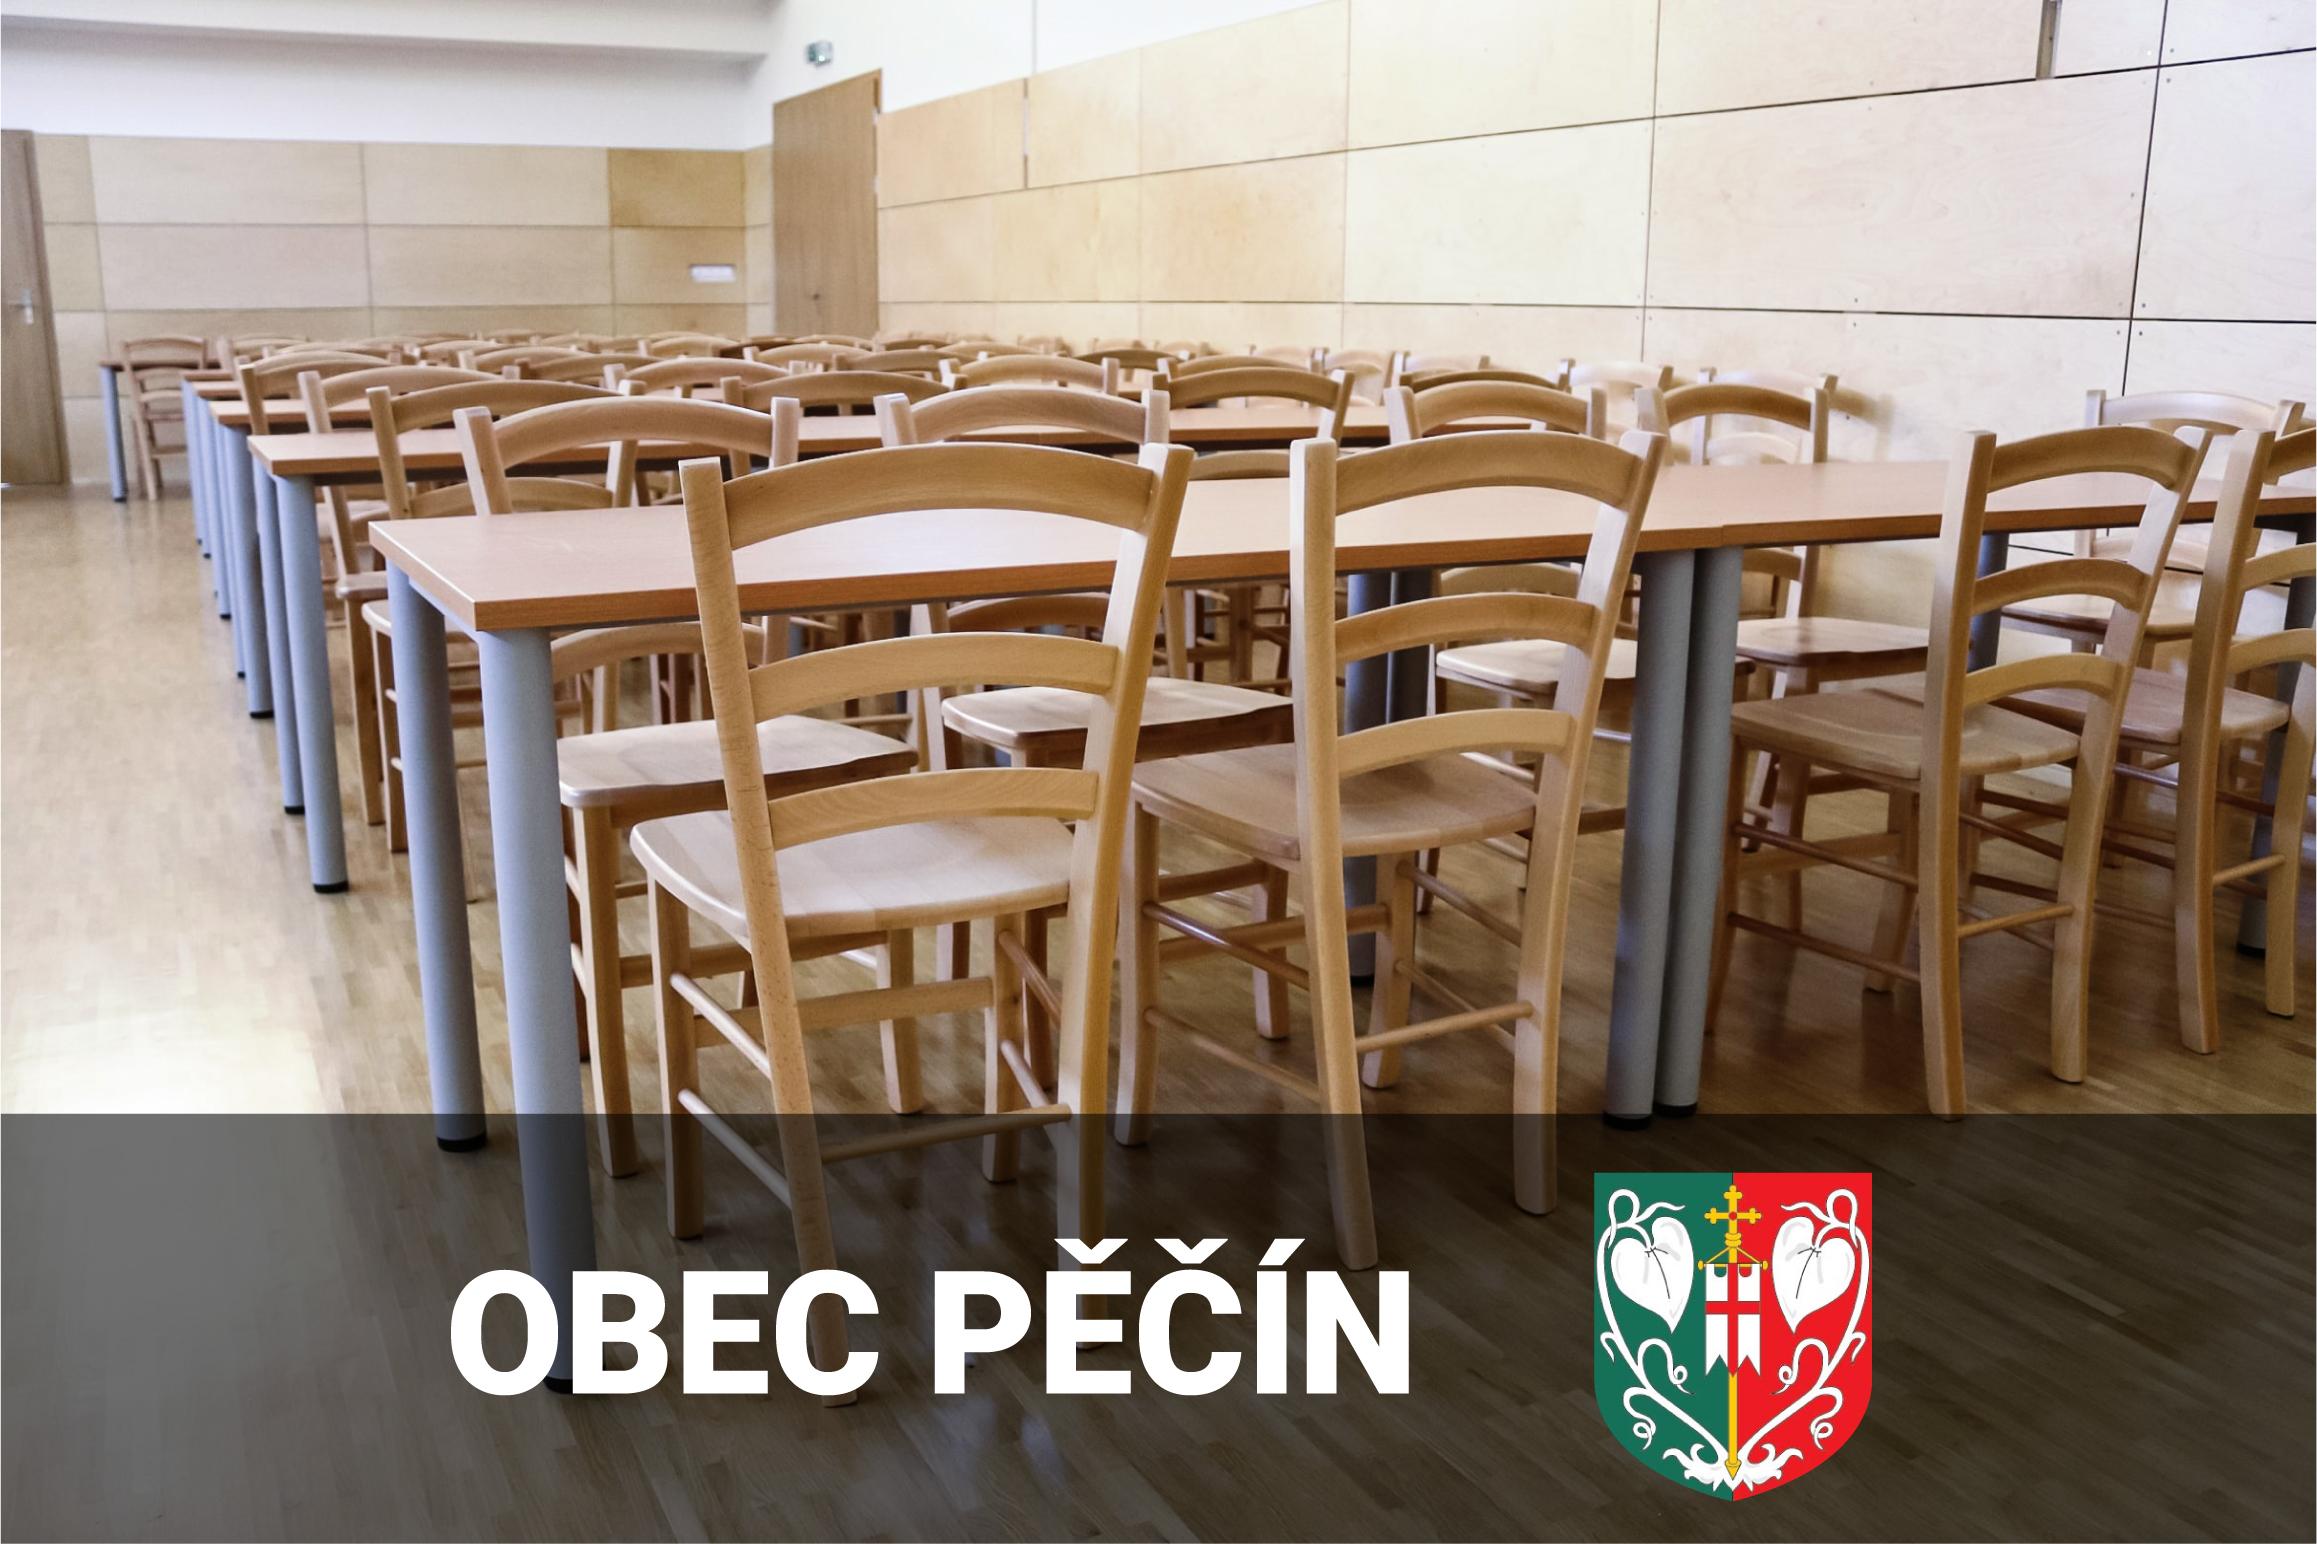 Židle do víceúčelového sálu - Obec Pěčín